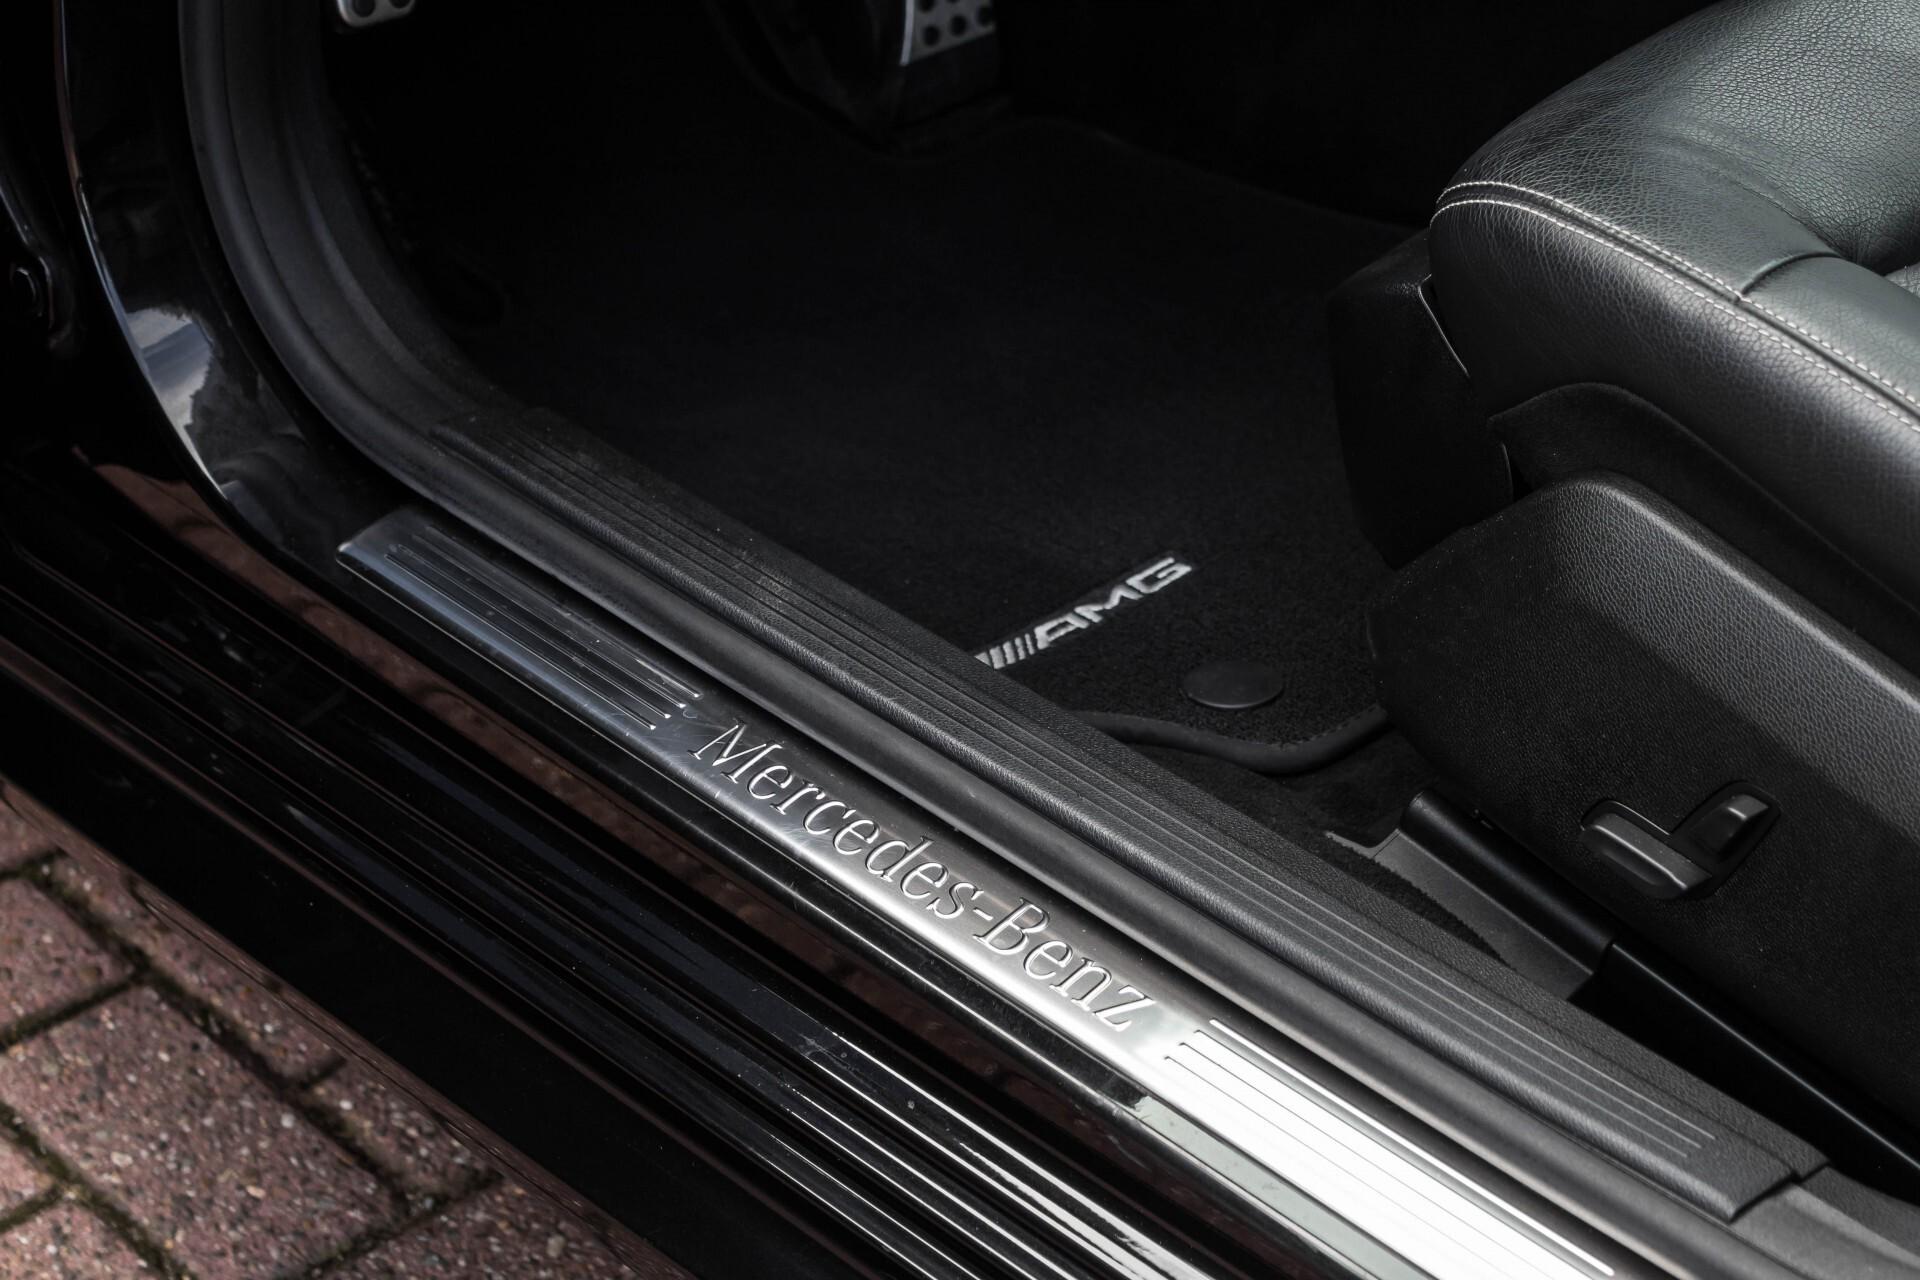 Mercedes-Benz E-Klasse Estate 350 Cdi AMG Luchtvering/Schuifdak/Comand/Harman Kardon/ILS Aut7 Foto 24